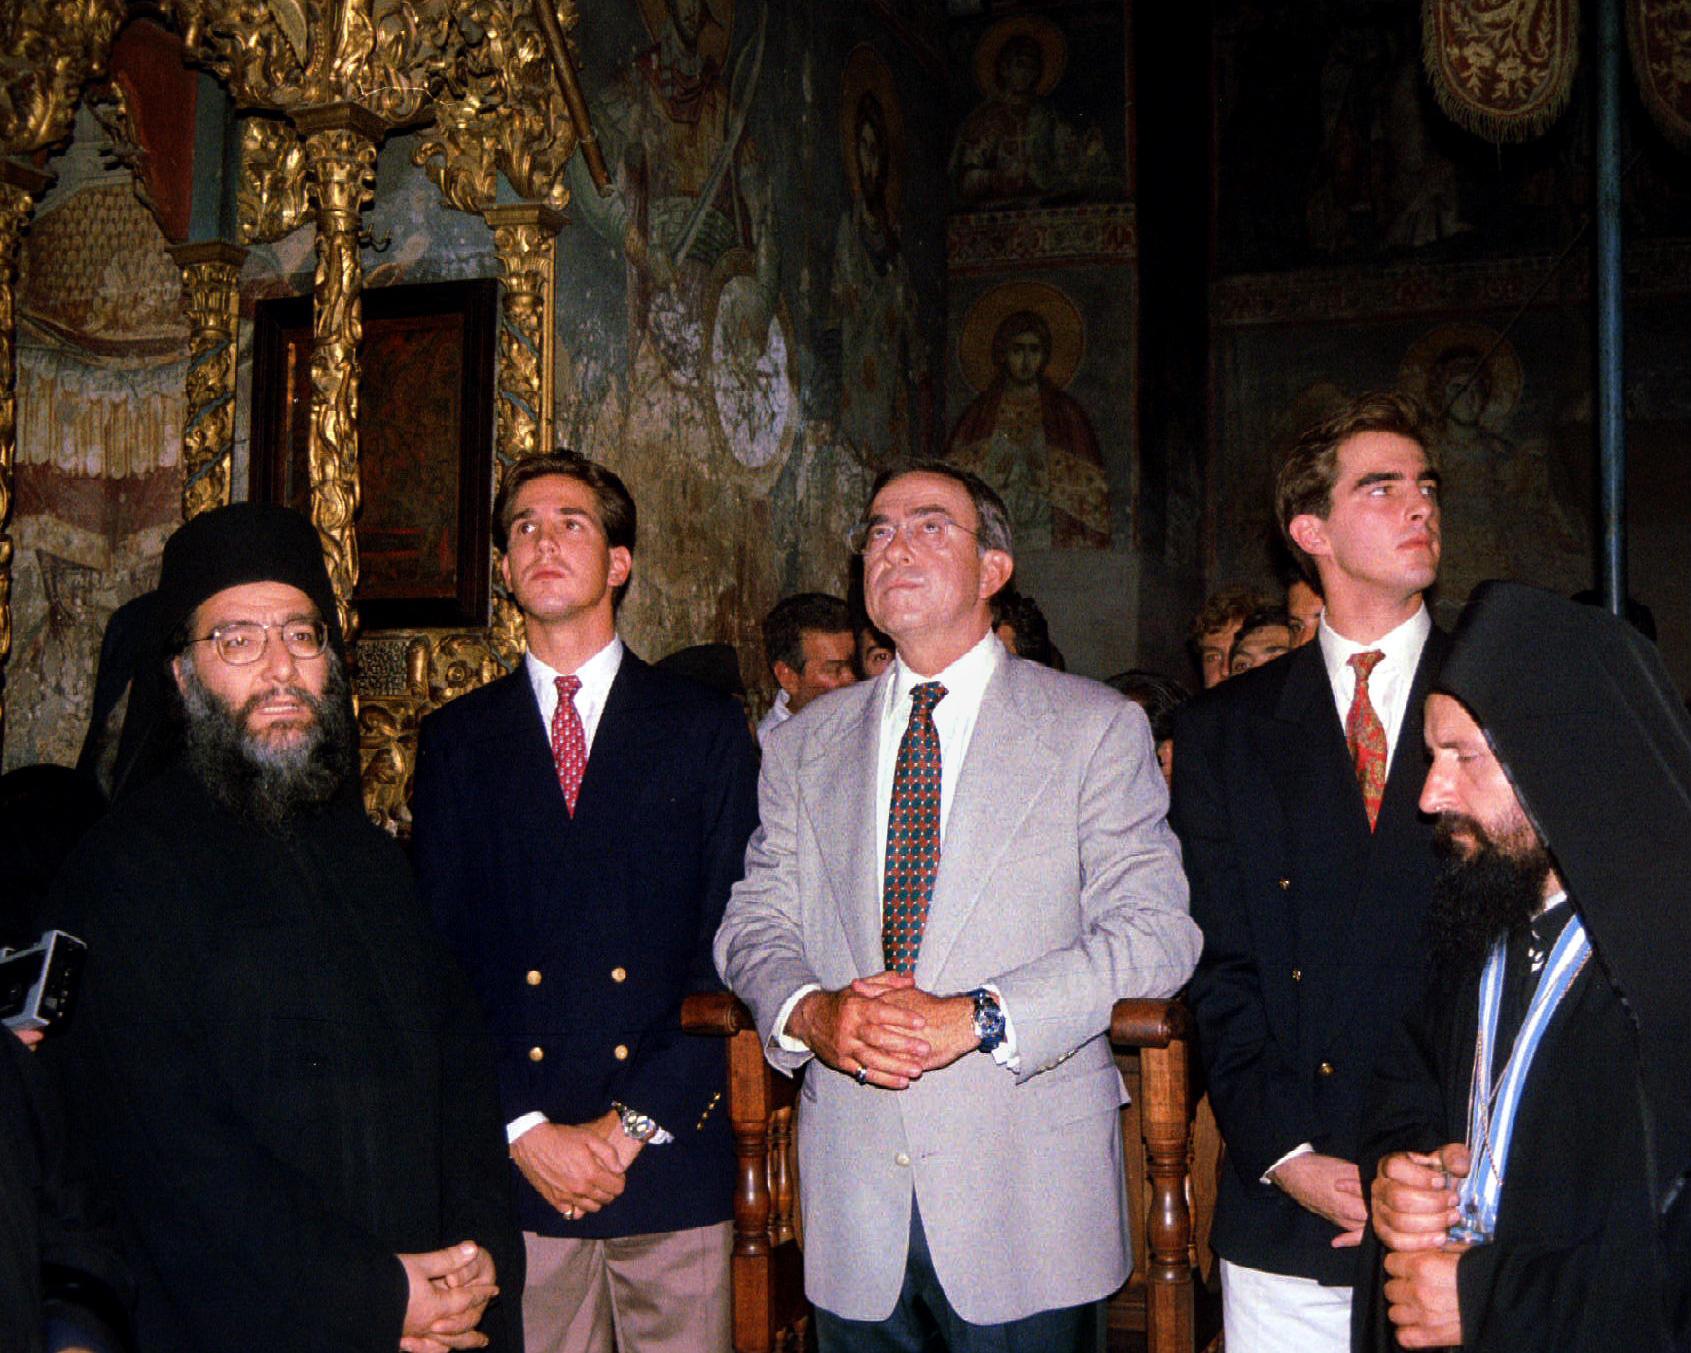 1993 reiste König Konstantin (hier mit seinen Söhnen Pavlos und Nikolaos) nach Griechenland. Durch die Präsenz von Militär rund um die Jacht des Exil-Monarchen beendete die Regierung seine Reise früher als geplant.